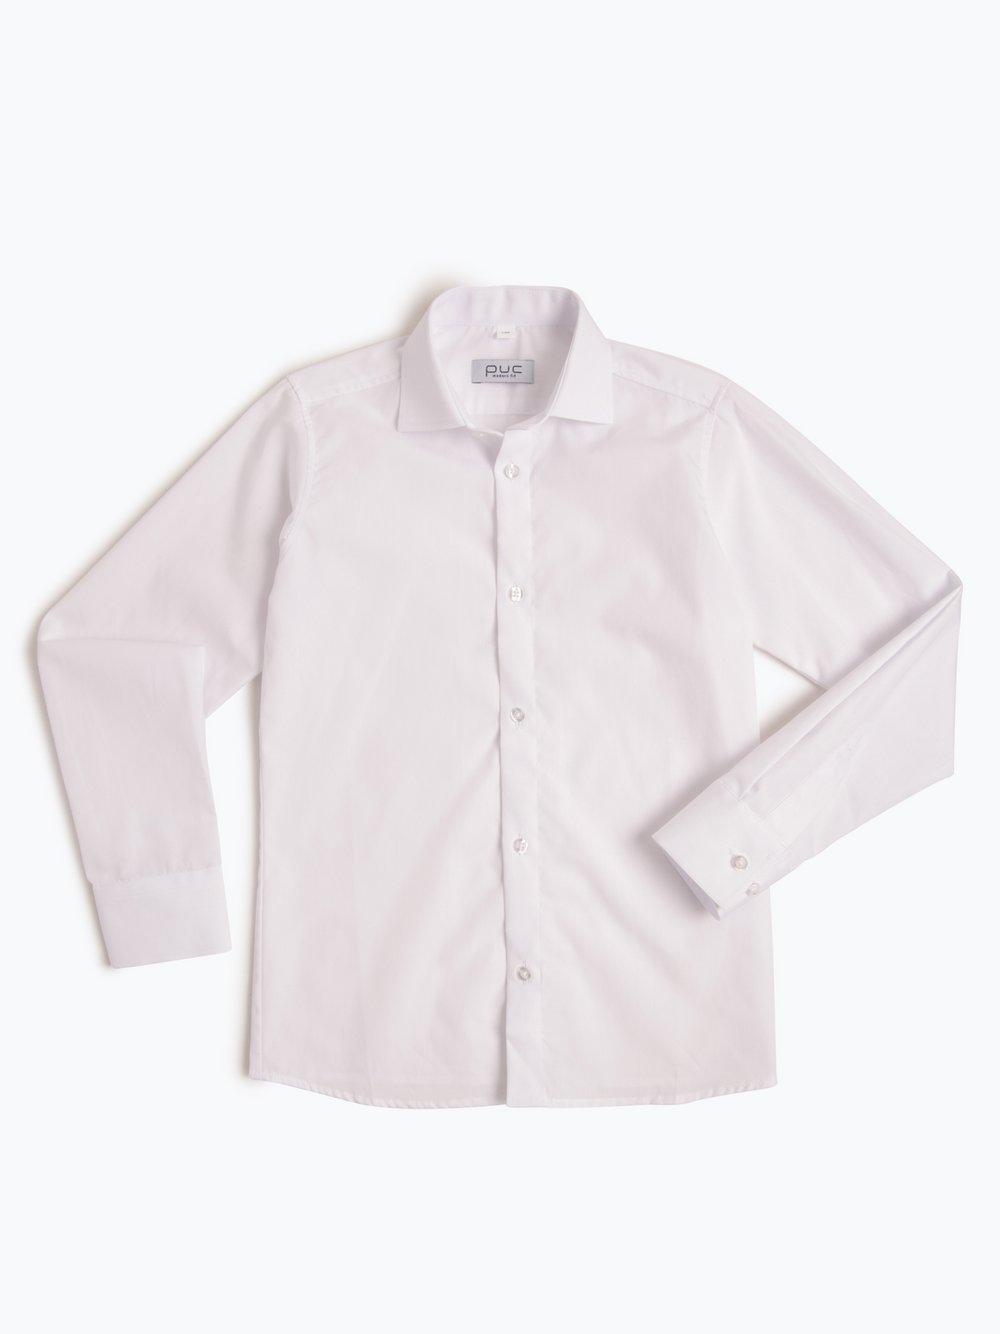 3 Hemden Kinder Jungen M L 164 170 Hemd